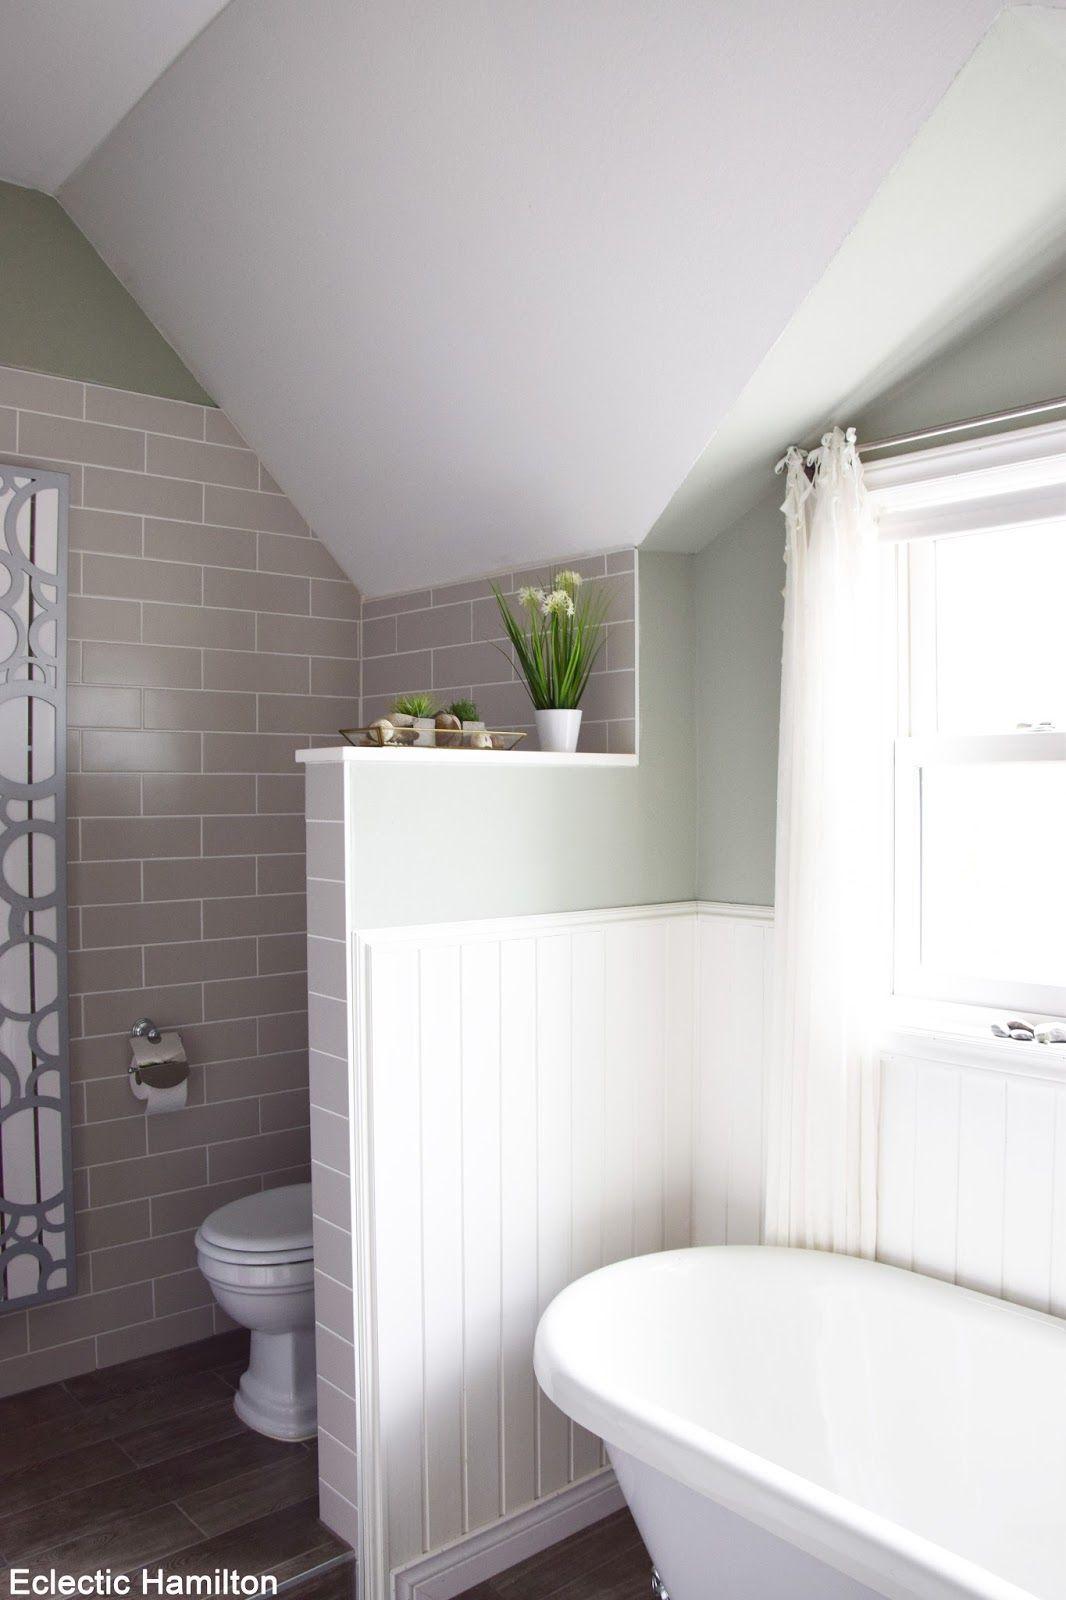 pflanzen f r mein badezimmer und einblicke endlich mal wieder german blogger interior. Black Bedroom Furniture Sets. Home Design Ideas